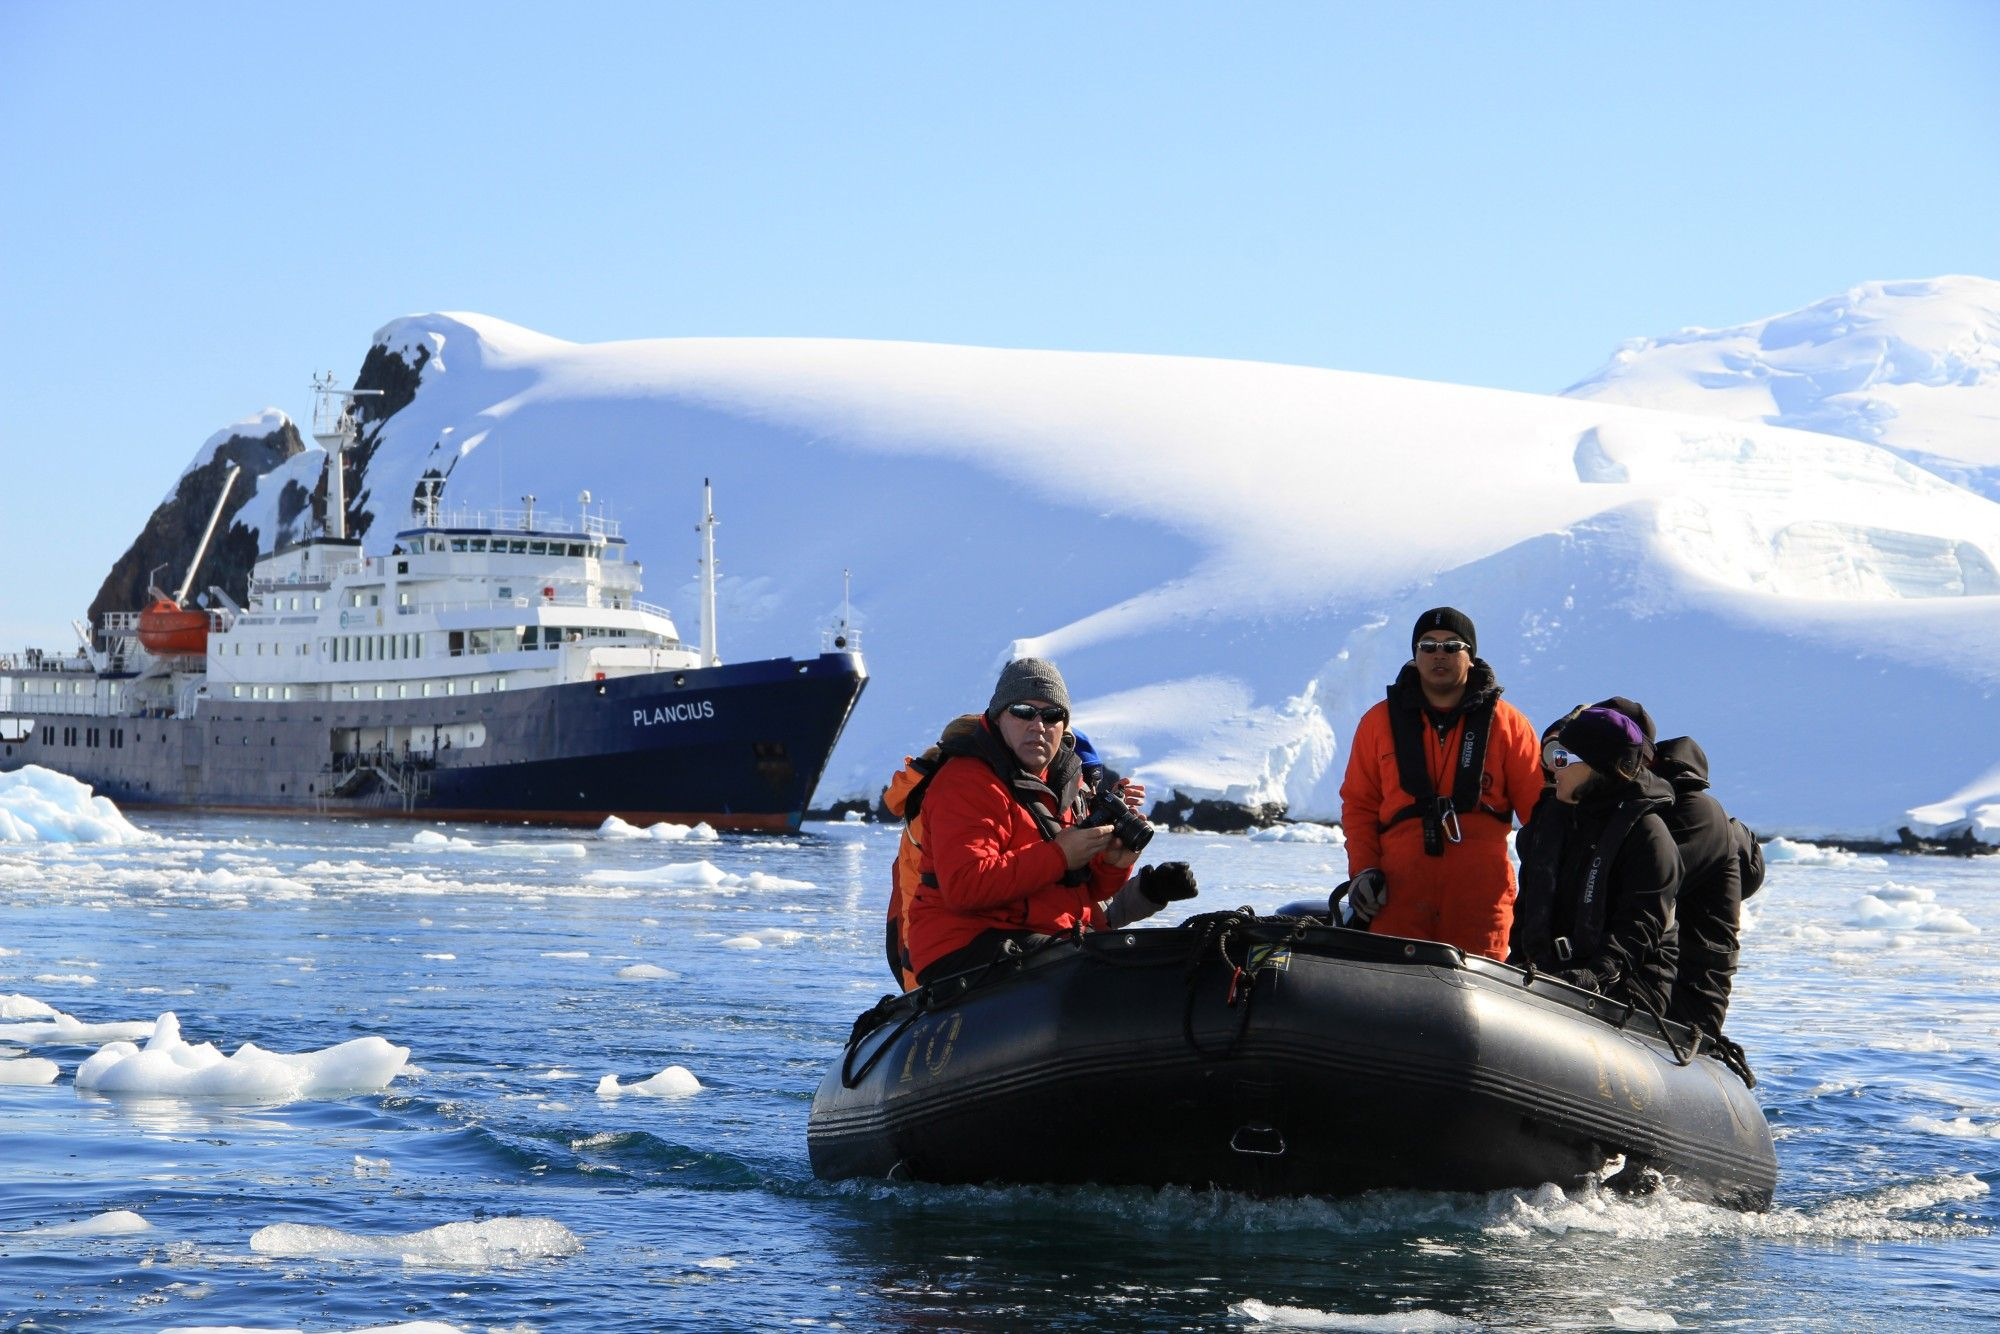 4 несколько лет корабль капитан хлебников был единственным туристическим кораблем, на котором люди могли понаблюдать за пингвинами в их естественной среде обитания